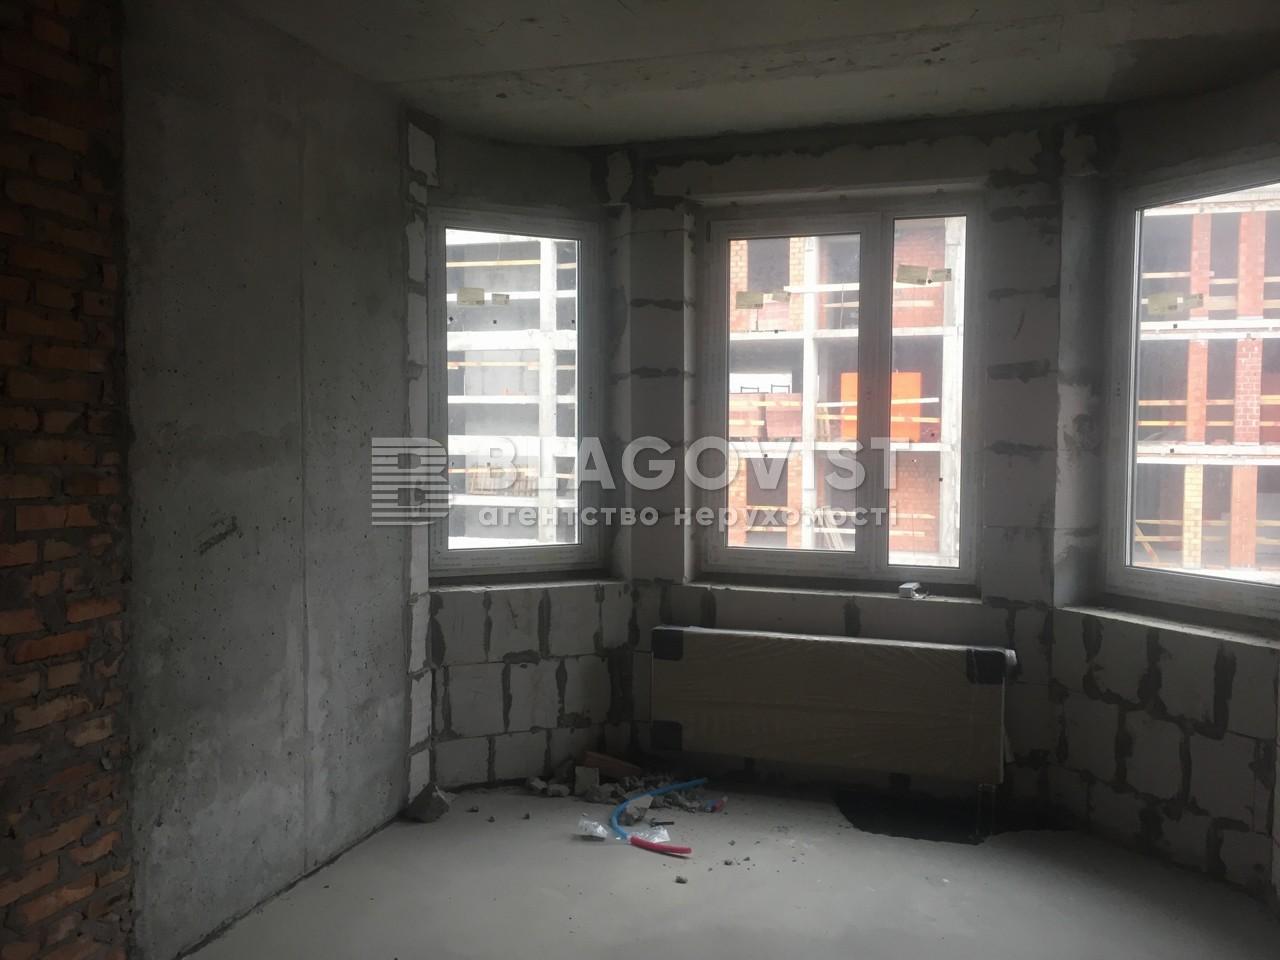 Квартира F-43985, Кирилівська (Фрунзе), 37, Київ - Фото 5